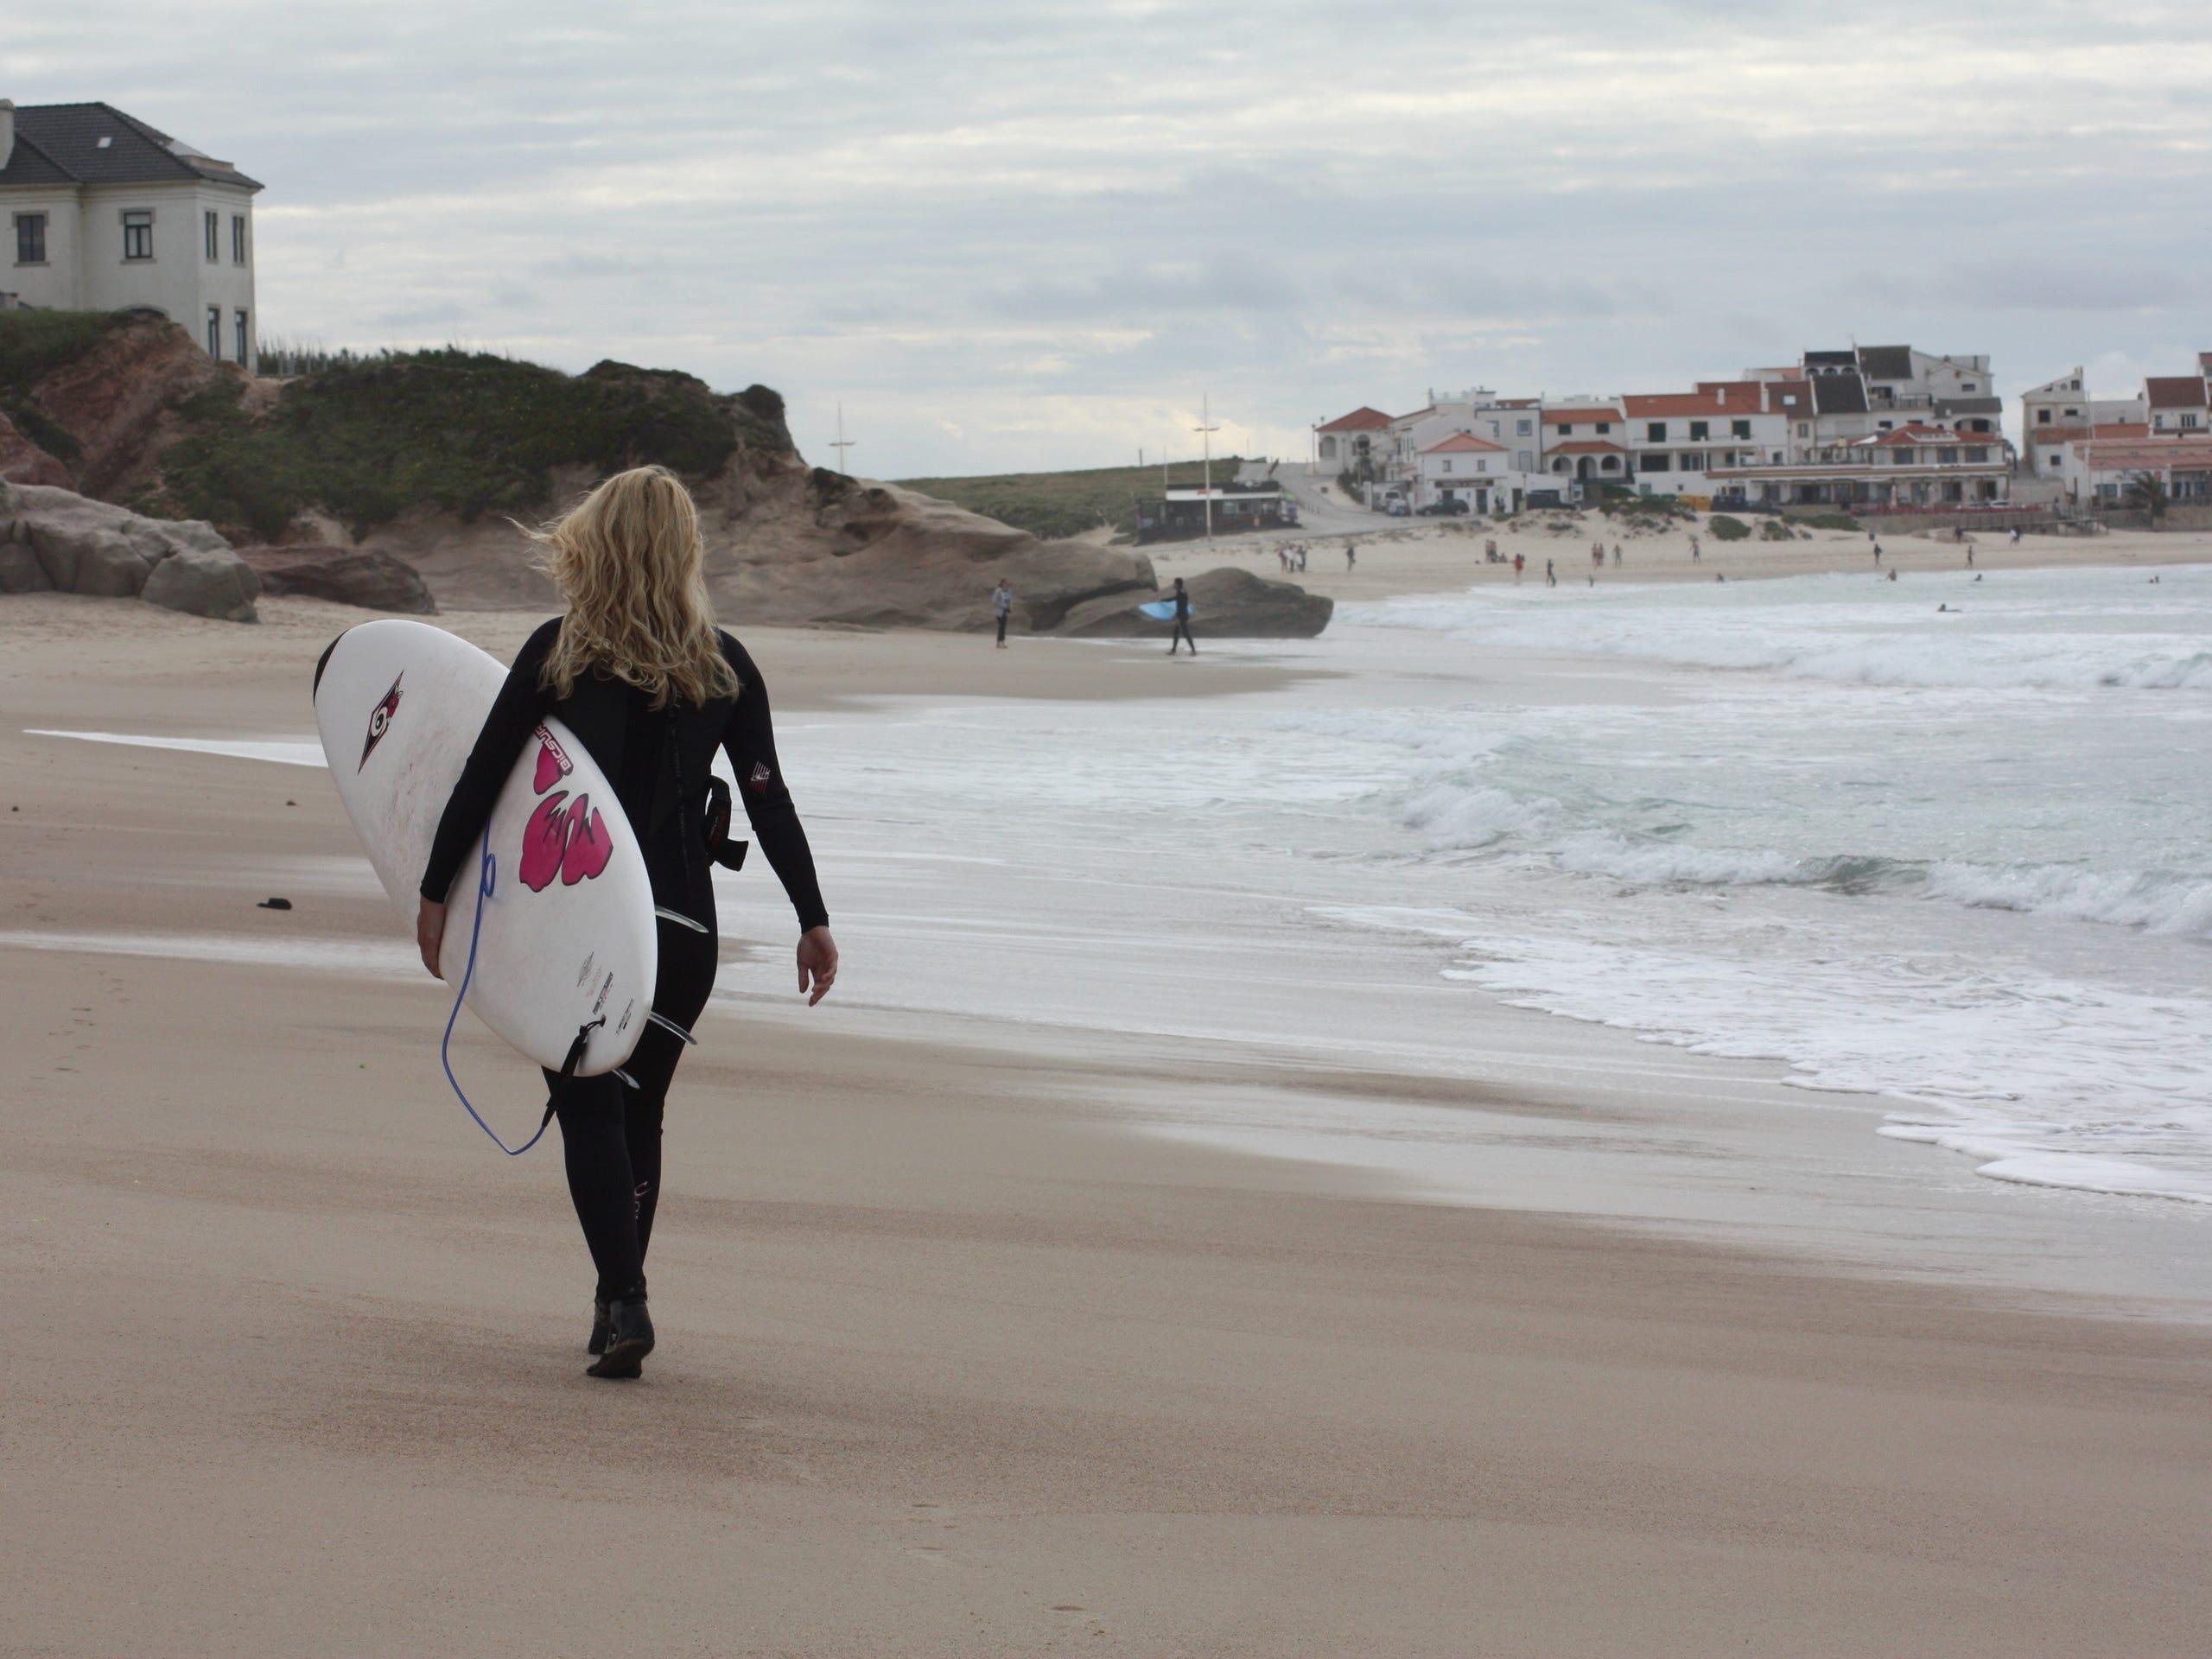 Steffi von Aloha Lifestyle hat Ihren Surf Outfit an und Ihr Surfbrett unterdem linken Arm und läuft am Strand entlang